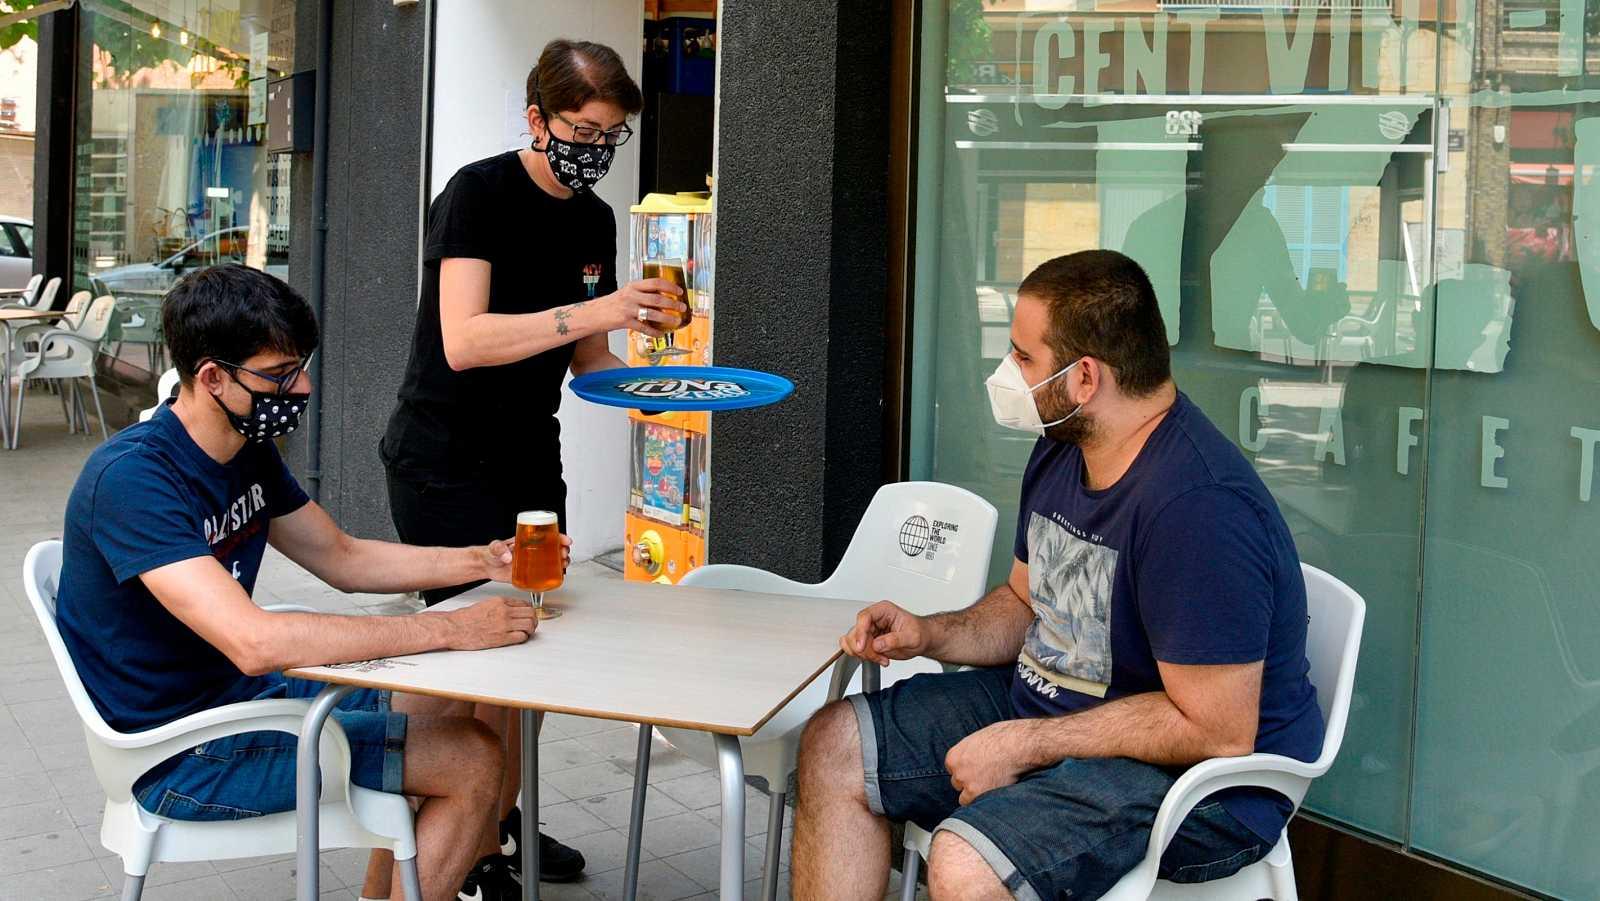 Vecinos y comerciantes de Barcelona se resignan ante las restricciones para frenar el coronavirus